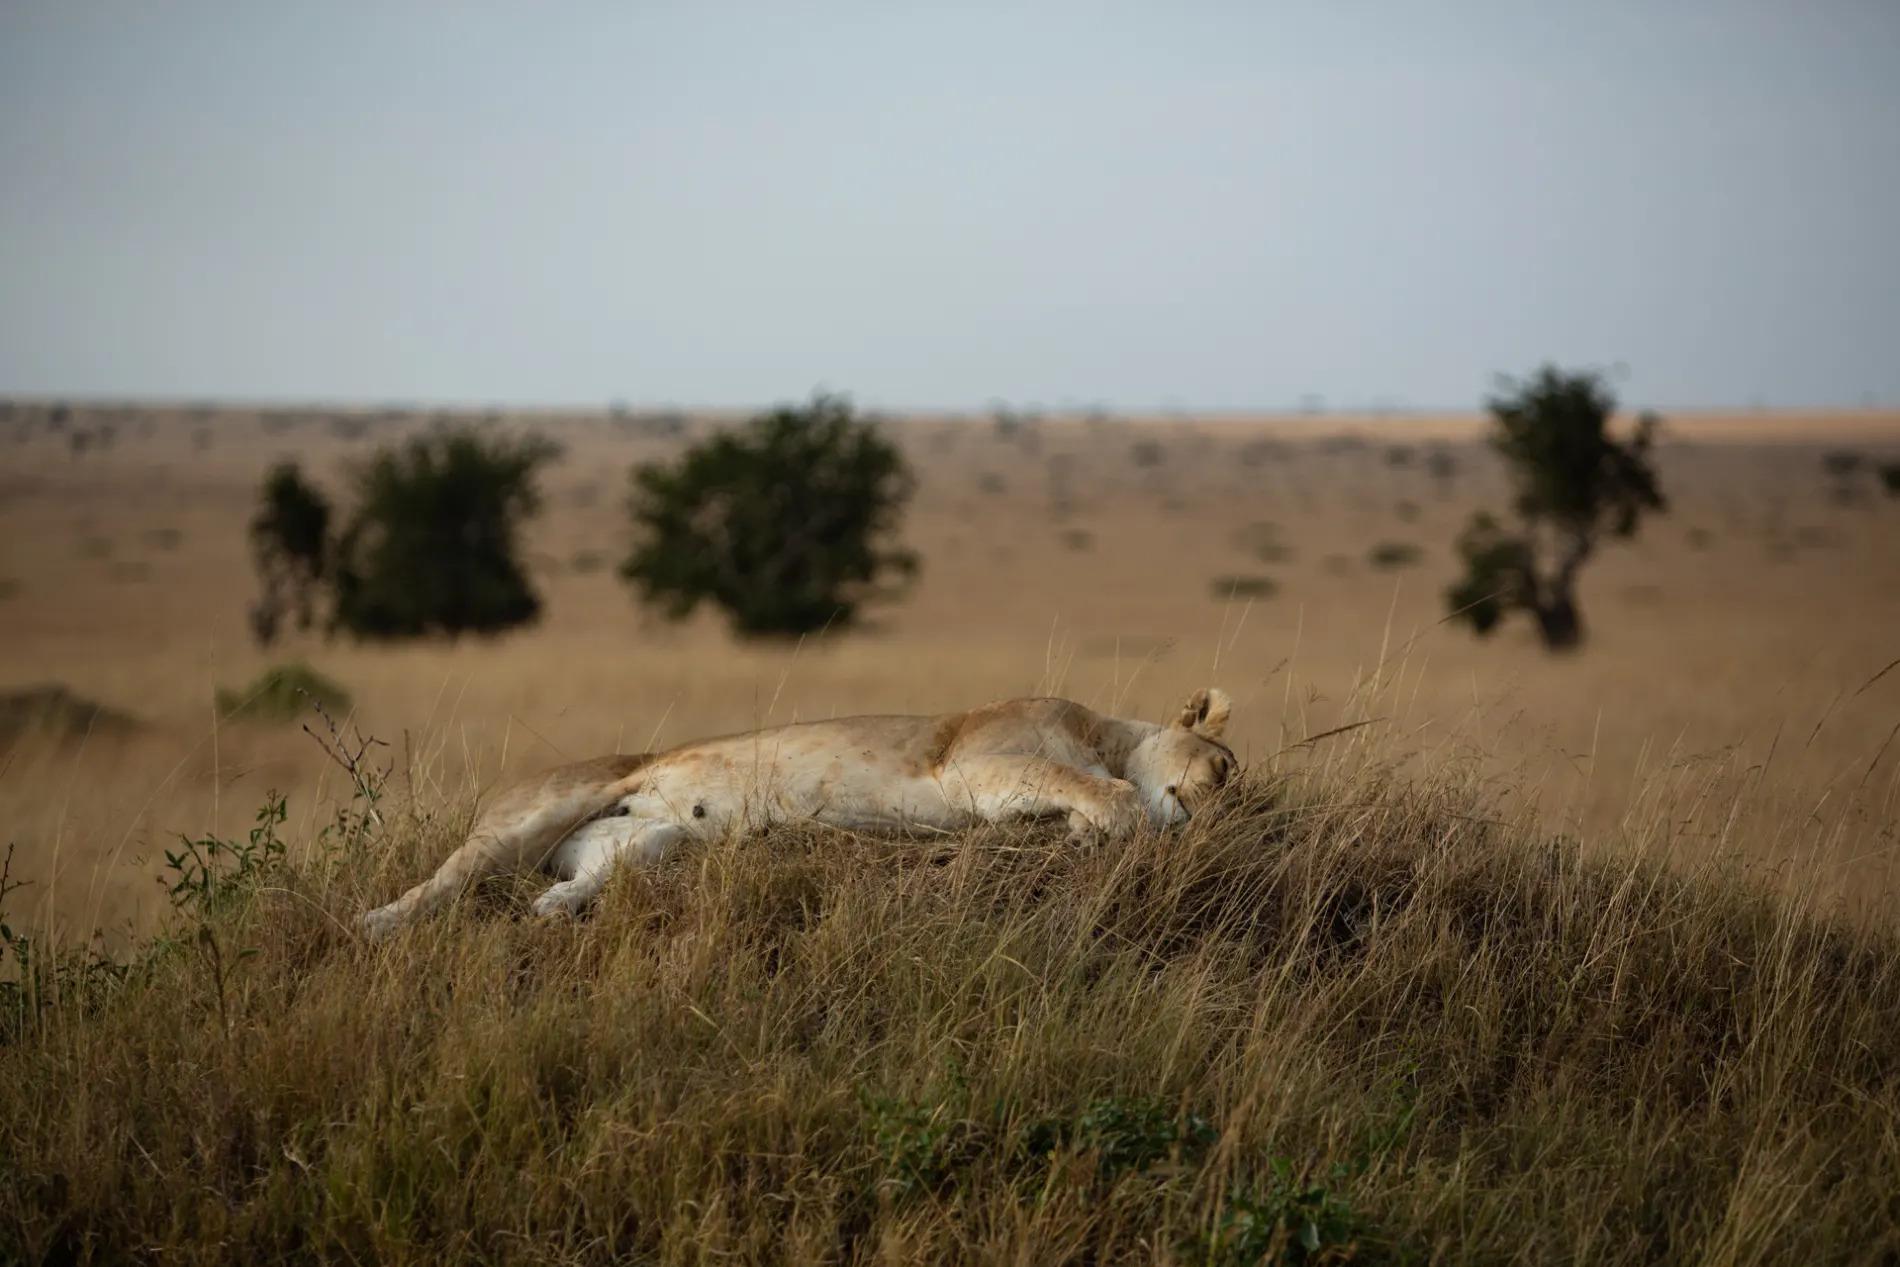 Lioness asleep